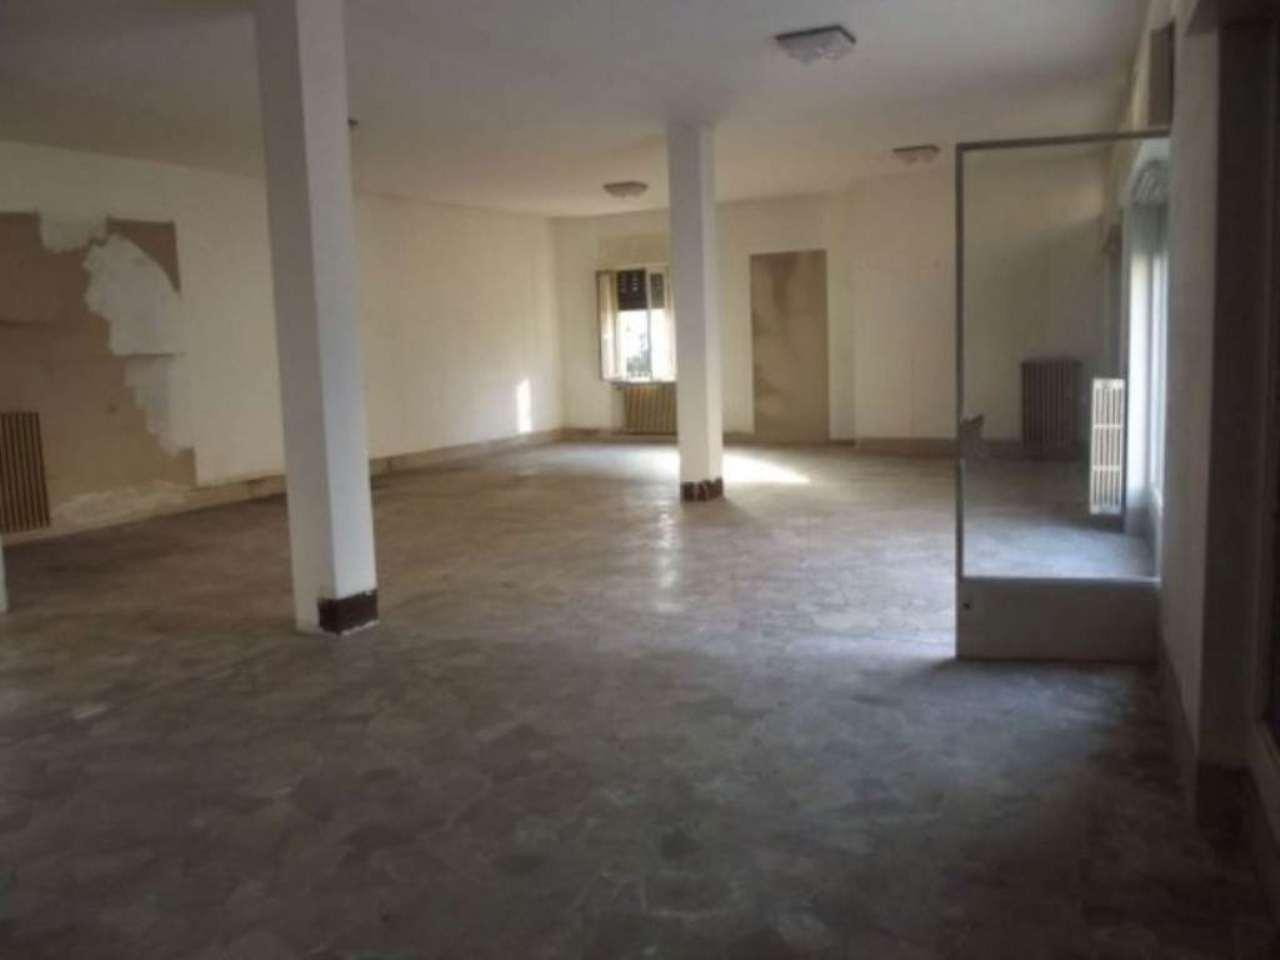 Negozio / Locale in affitto a Pero, 9999 locali, prezzo € 1.000 | CambioCasa.it